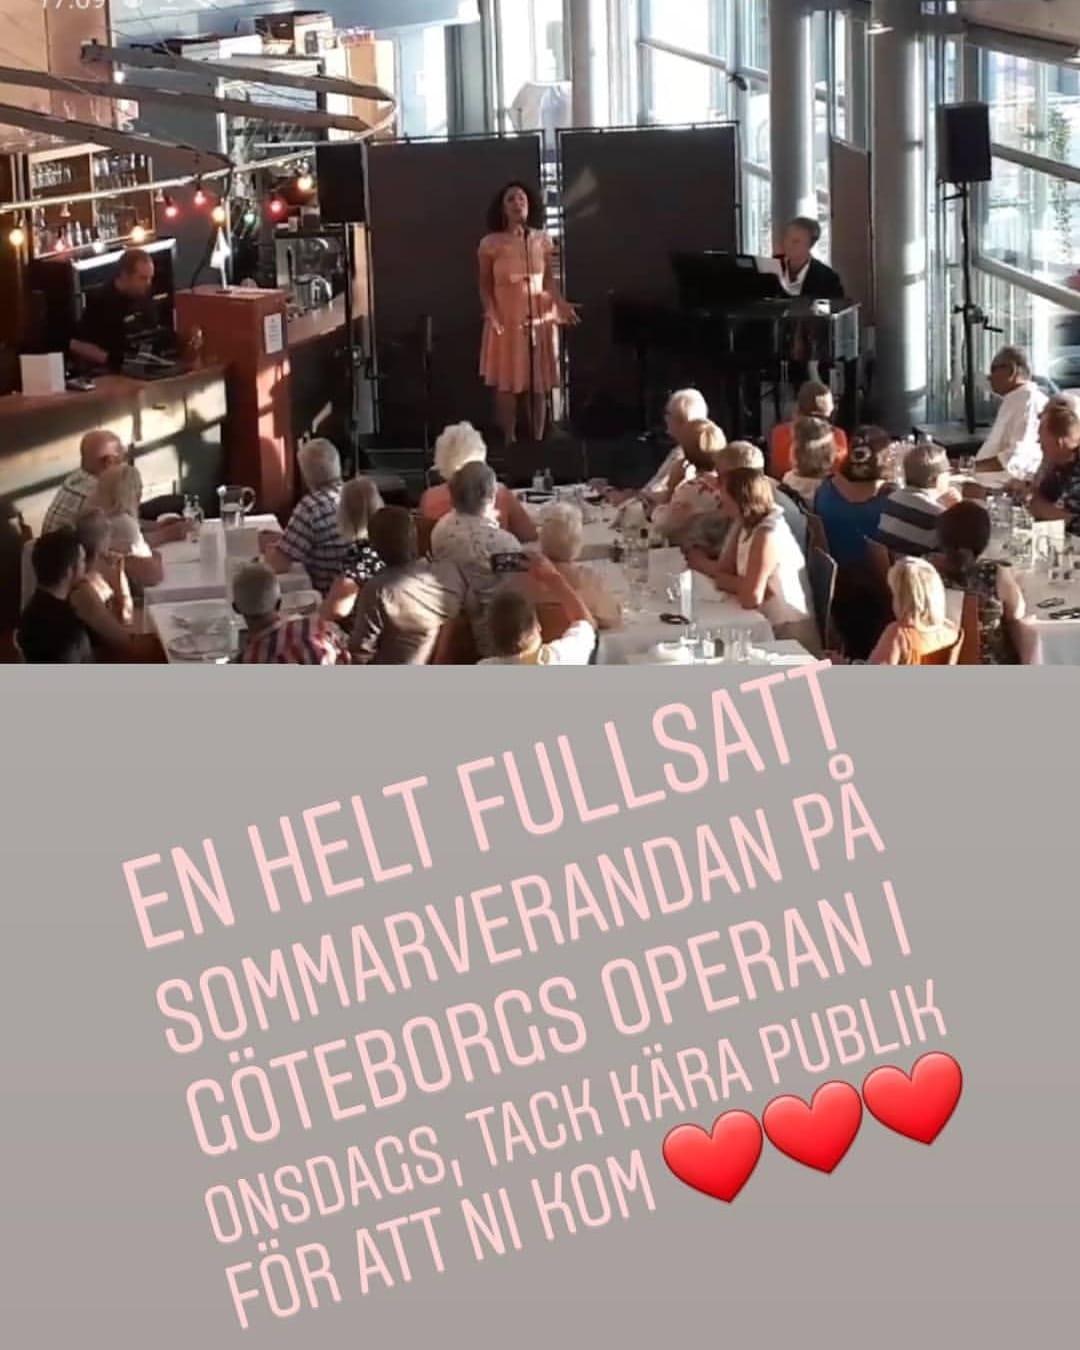 Göteborgs operan, sommarveranda, konsert, sångglädje, negar zarassi, lowe pettersson, opera, musikal, visa, crossover, underhållning, sopran